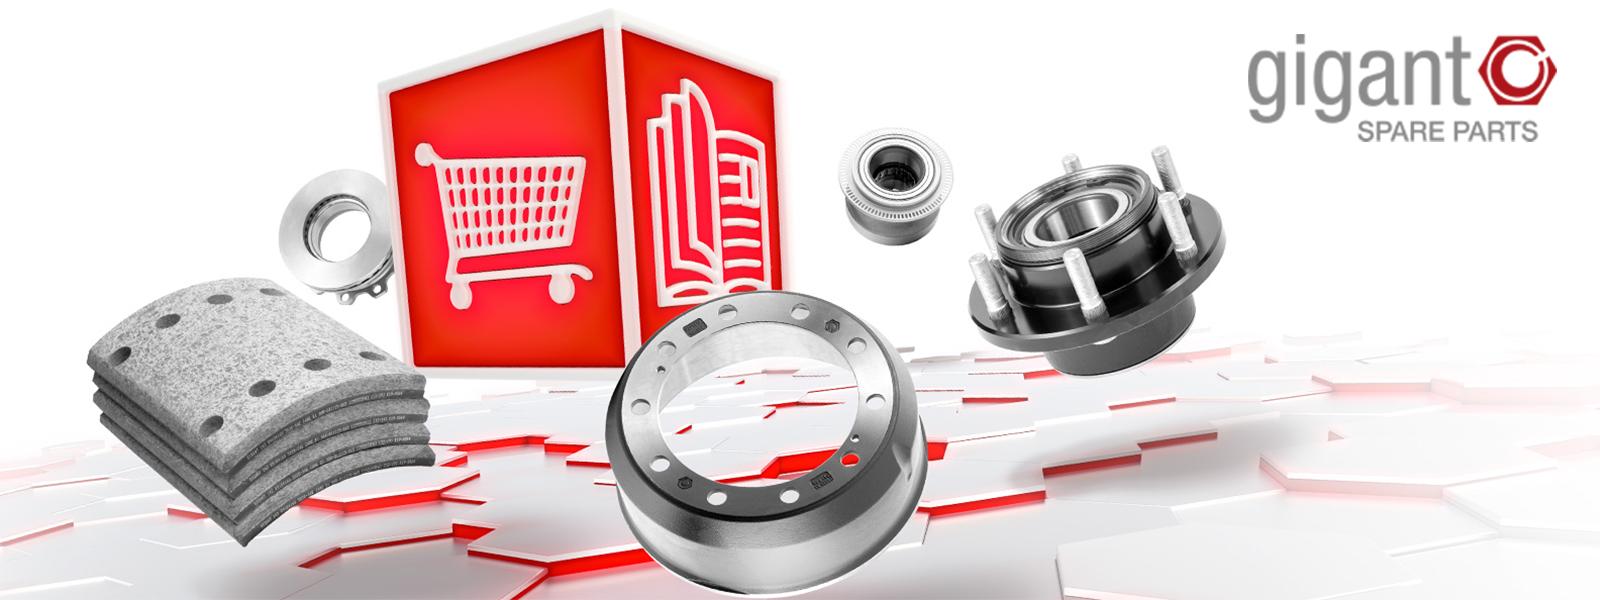 GIGANT Newsletter zu Spare Parts Onlineshop